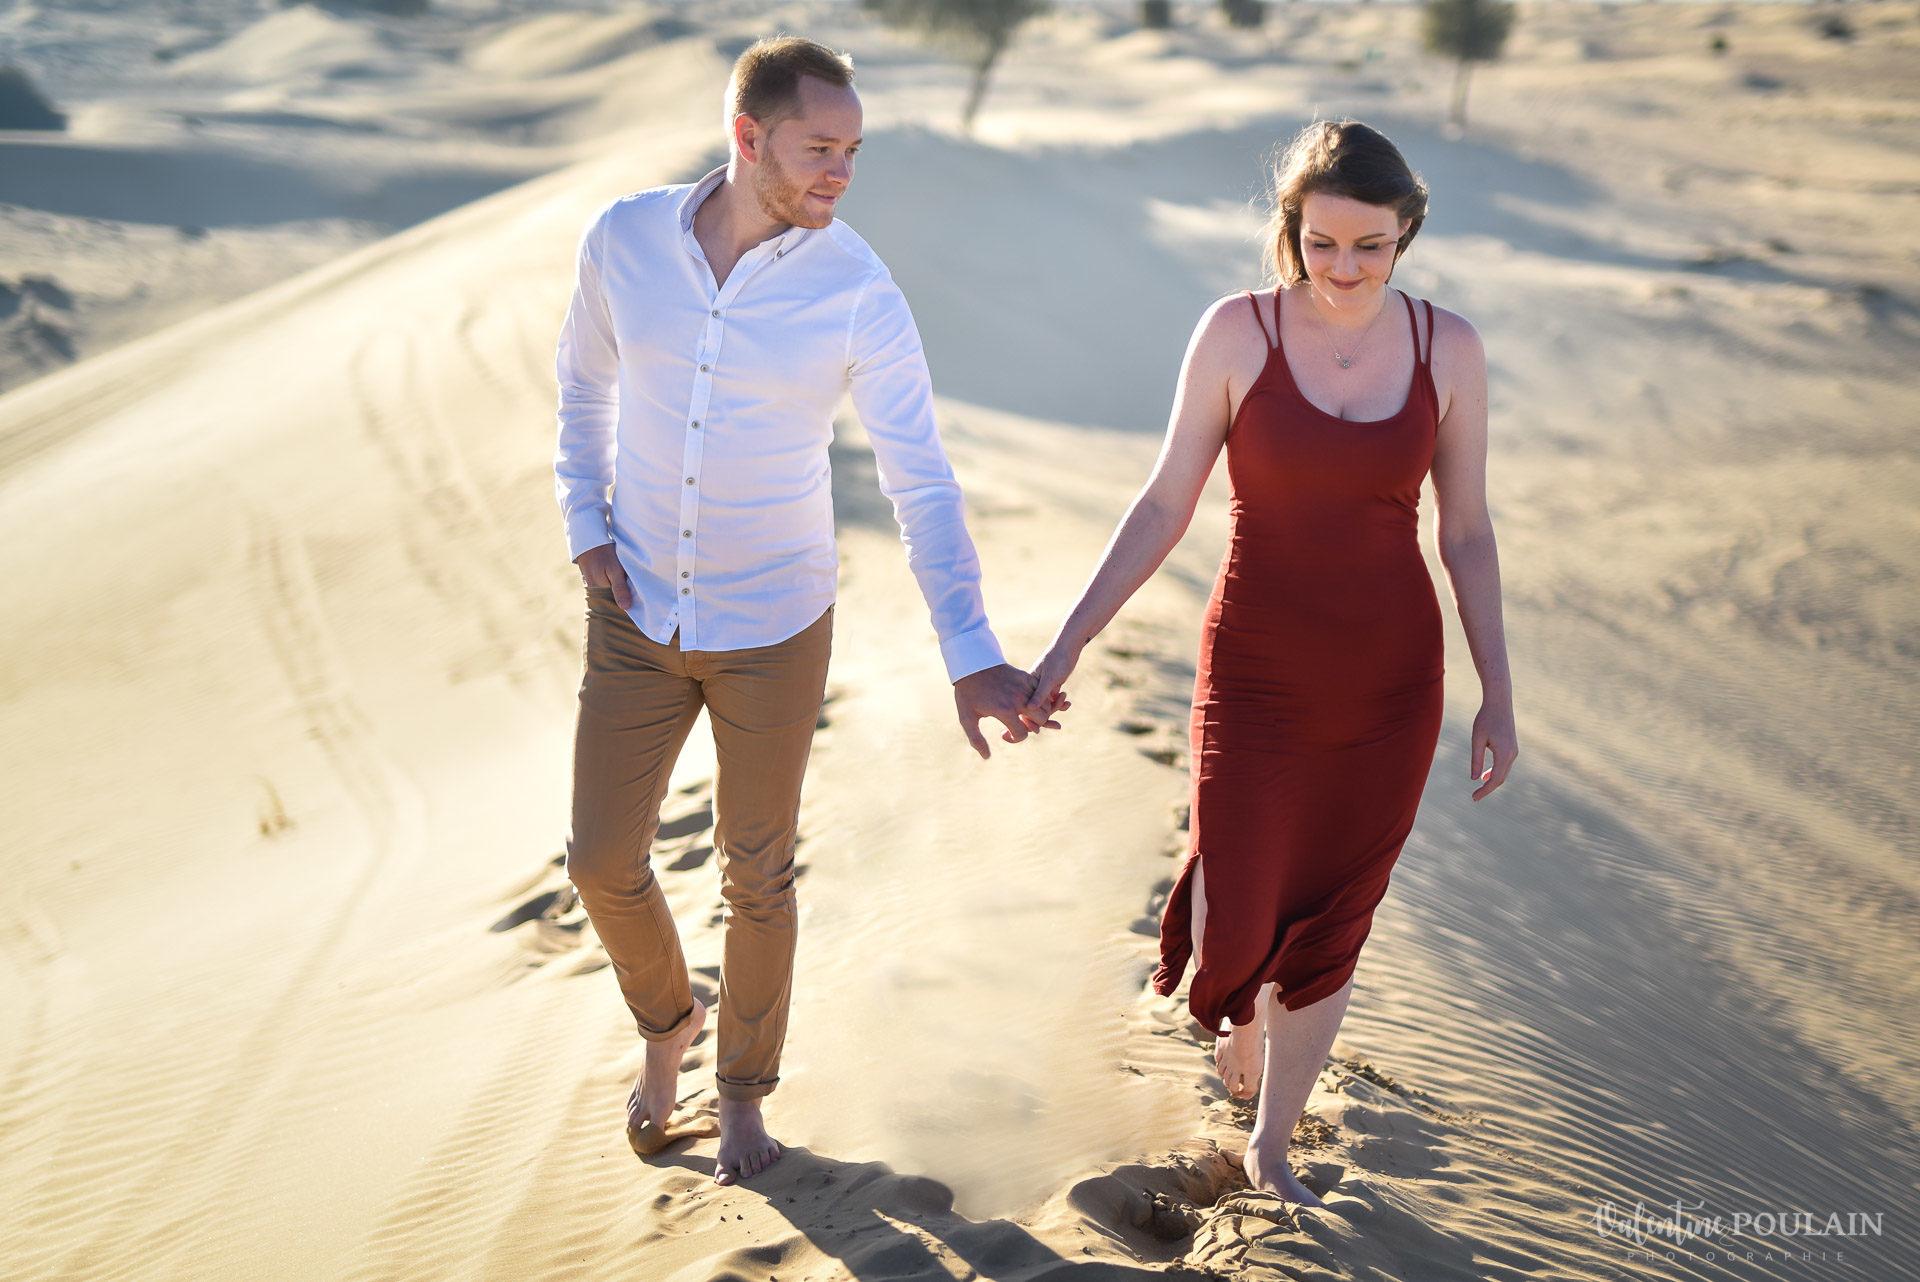 Demande en mariage Désert Dubaï - Valentine Poulain marcher